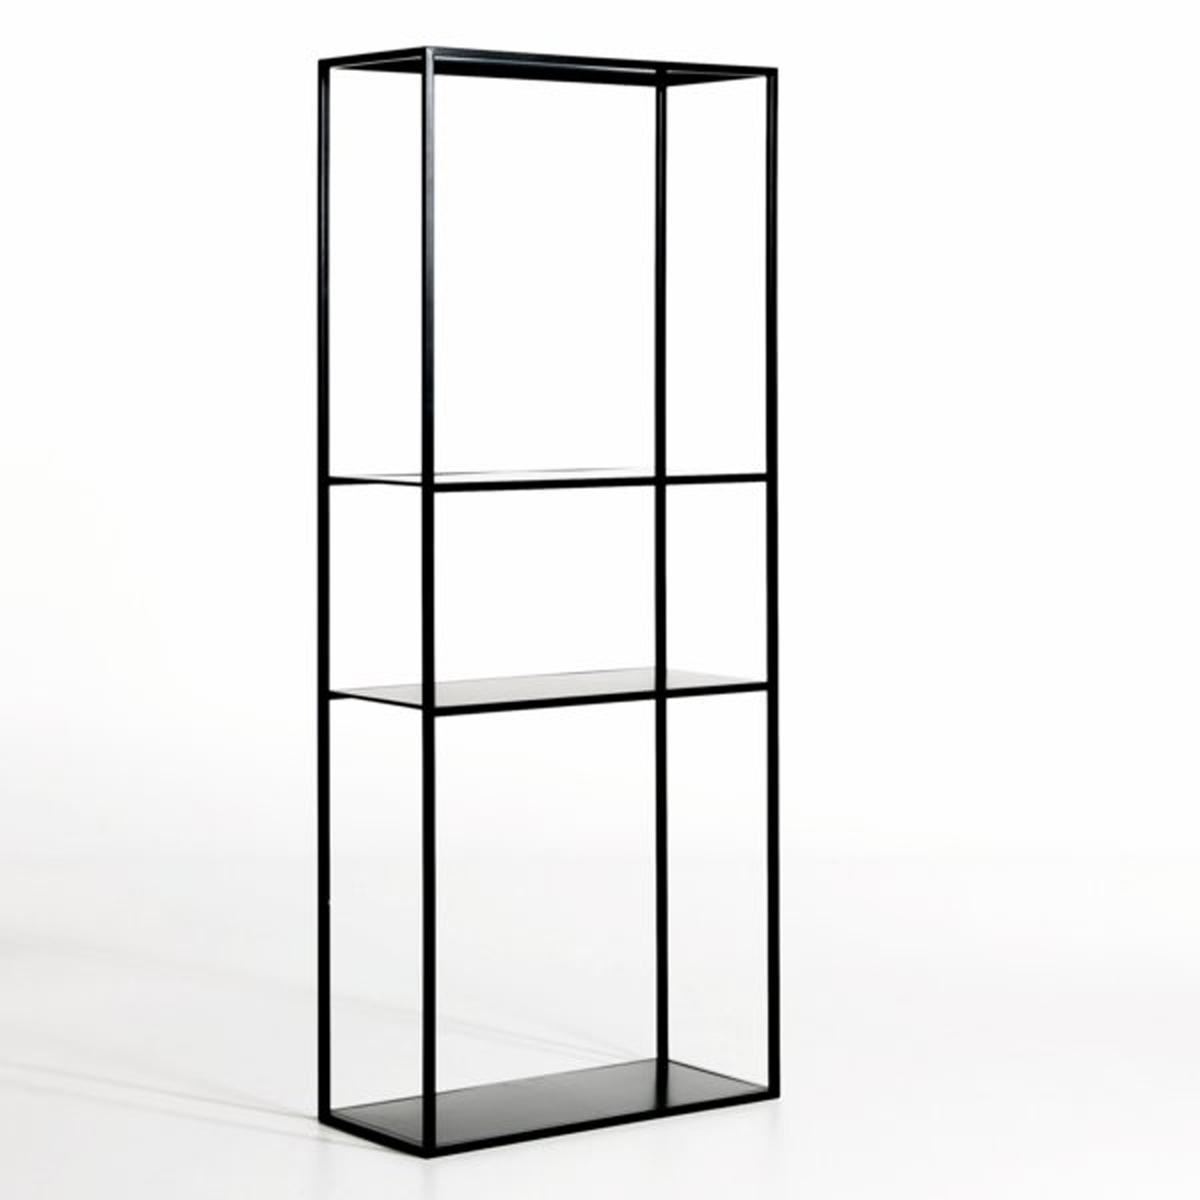 Этажерка вертикальная Kouzou, дизайн Э. Галлина